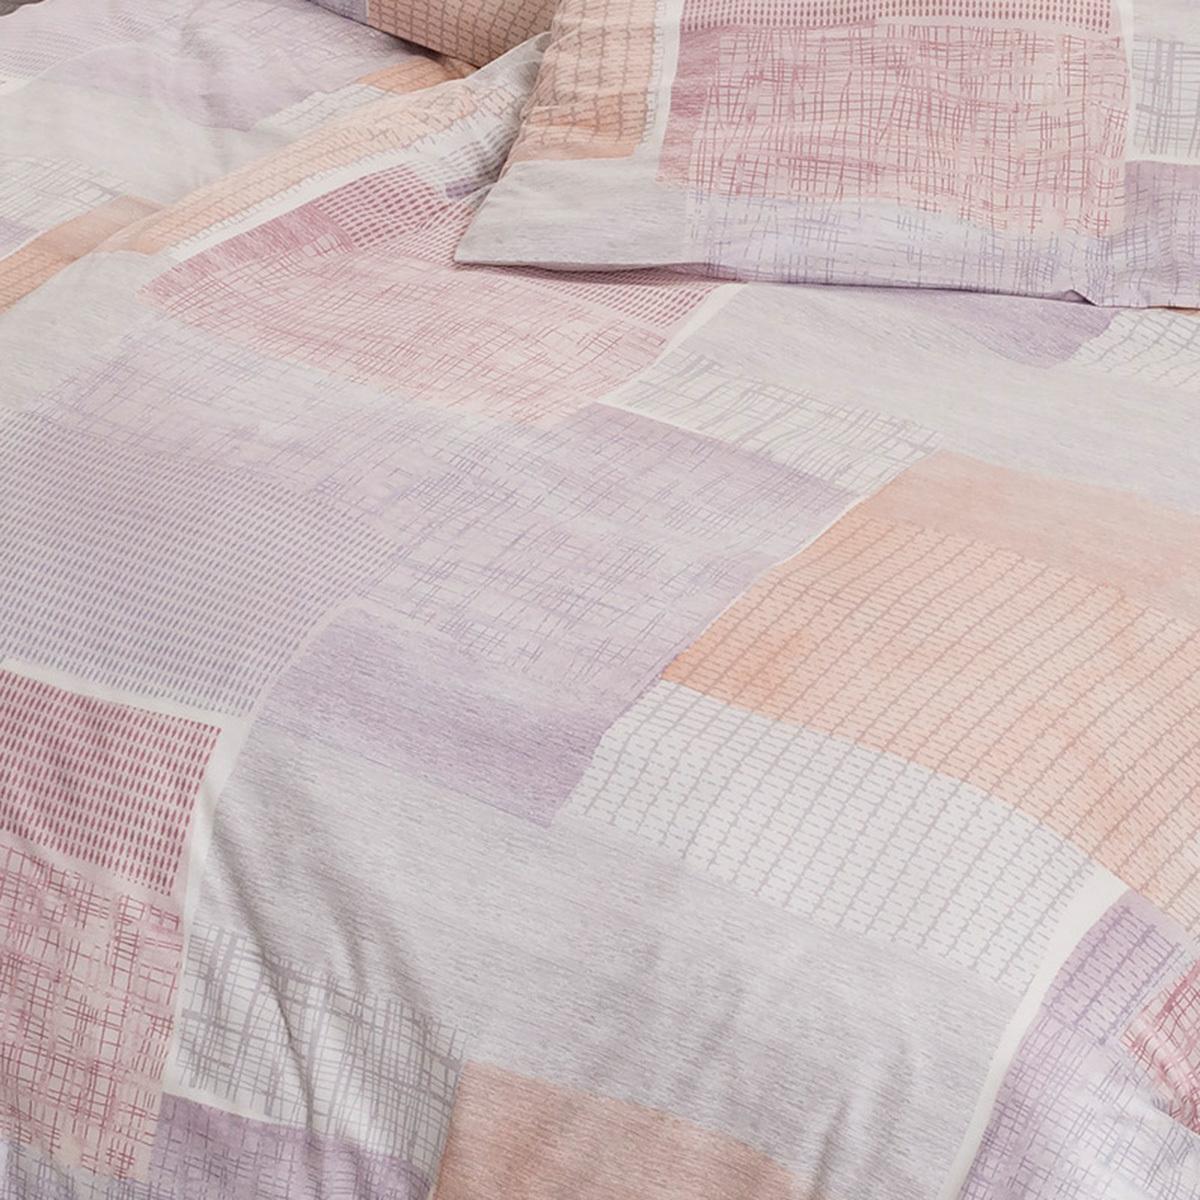 estella mako interlock jersey bettw sche milos flieder g nstig online kaufen bei bettwaren shop. Black Bedroom Furniture Sets. Home Design Ideas